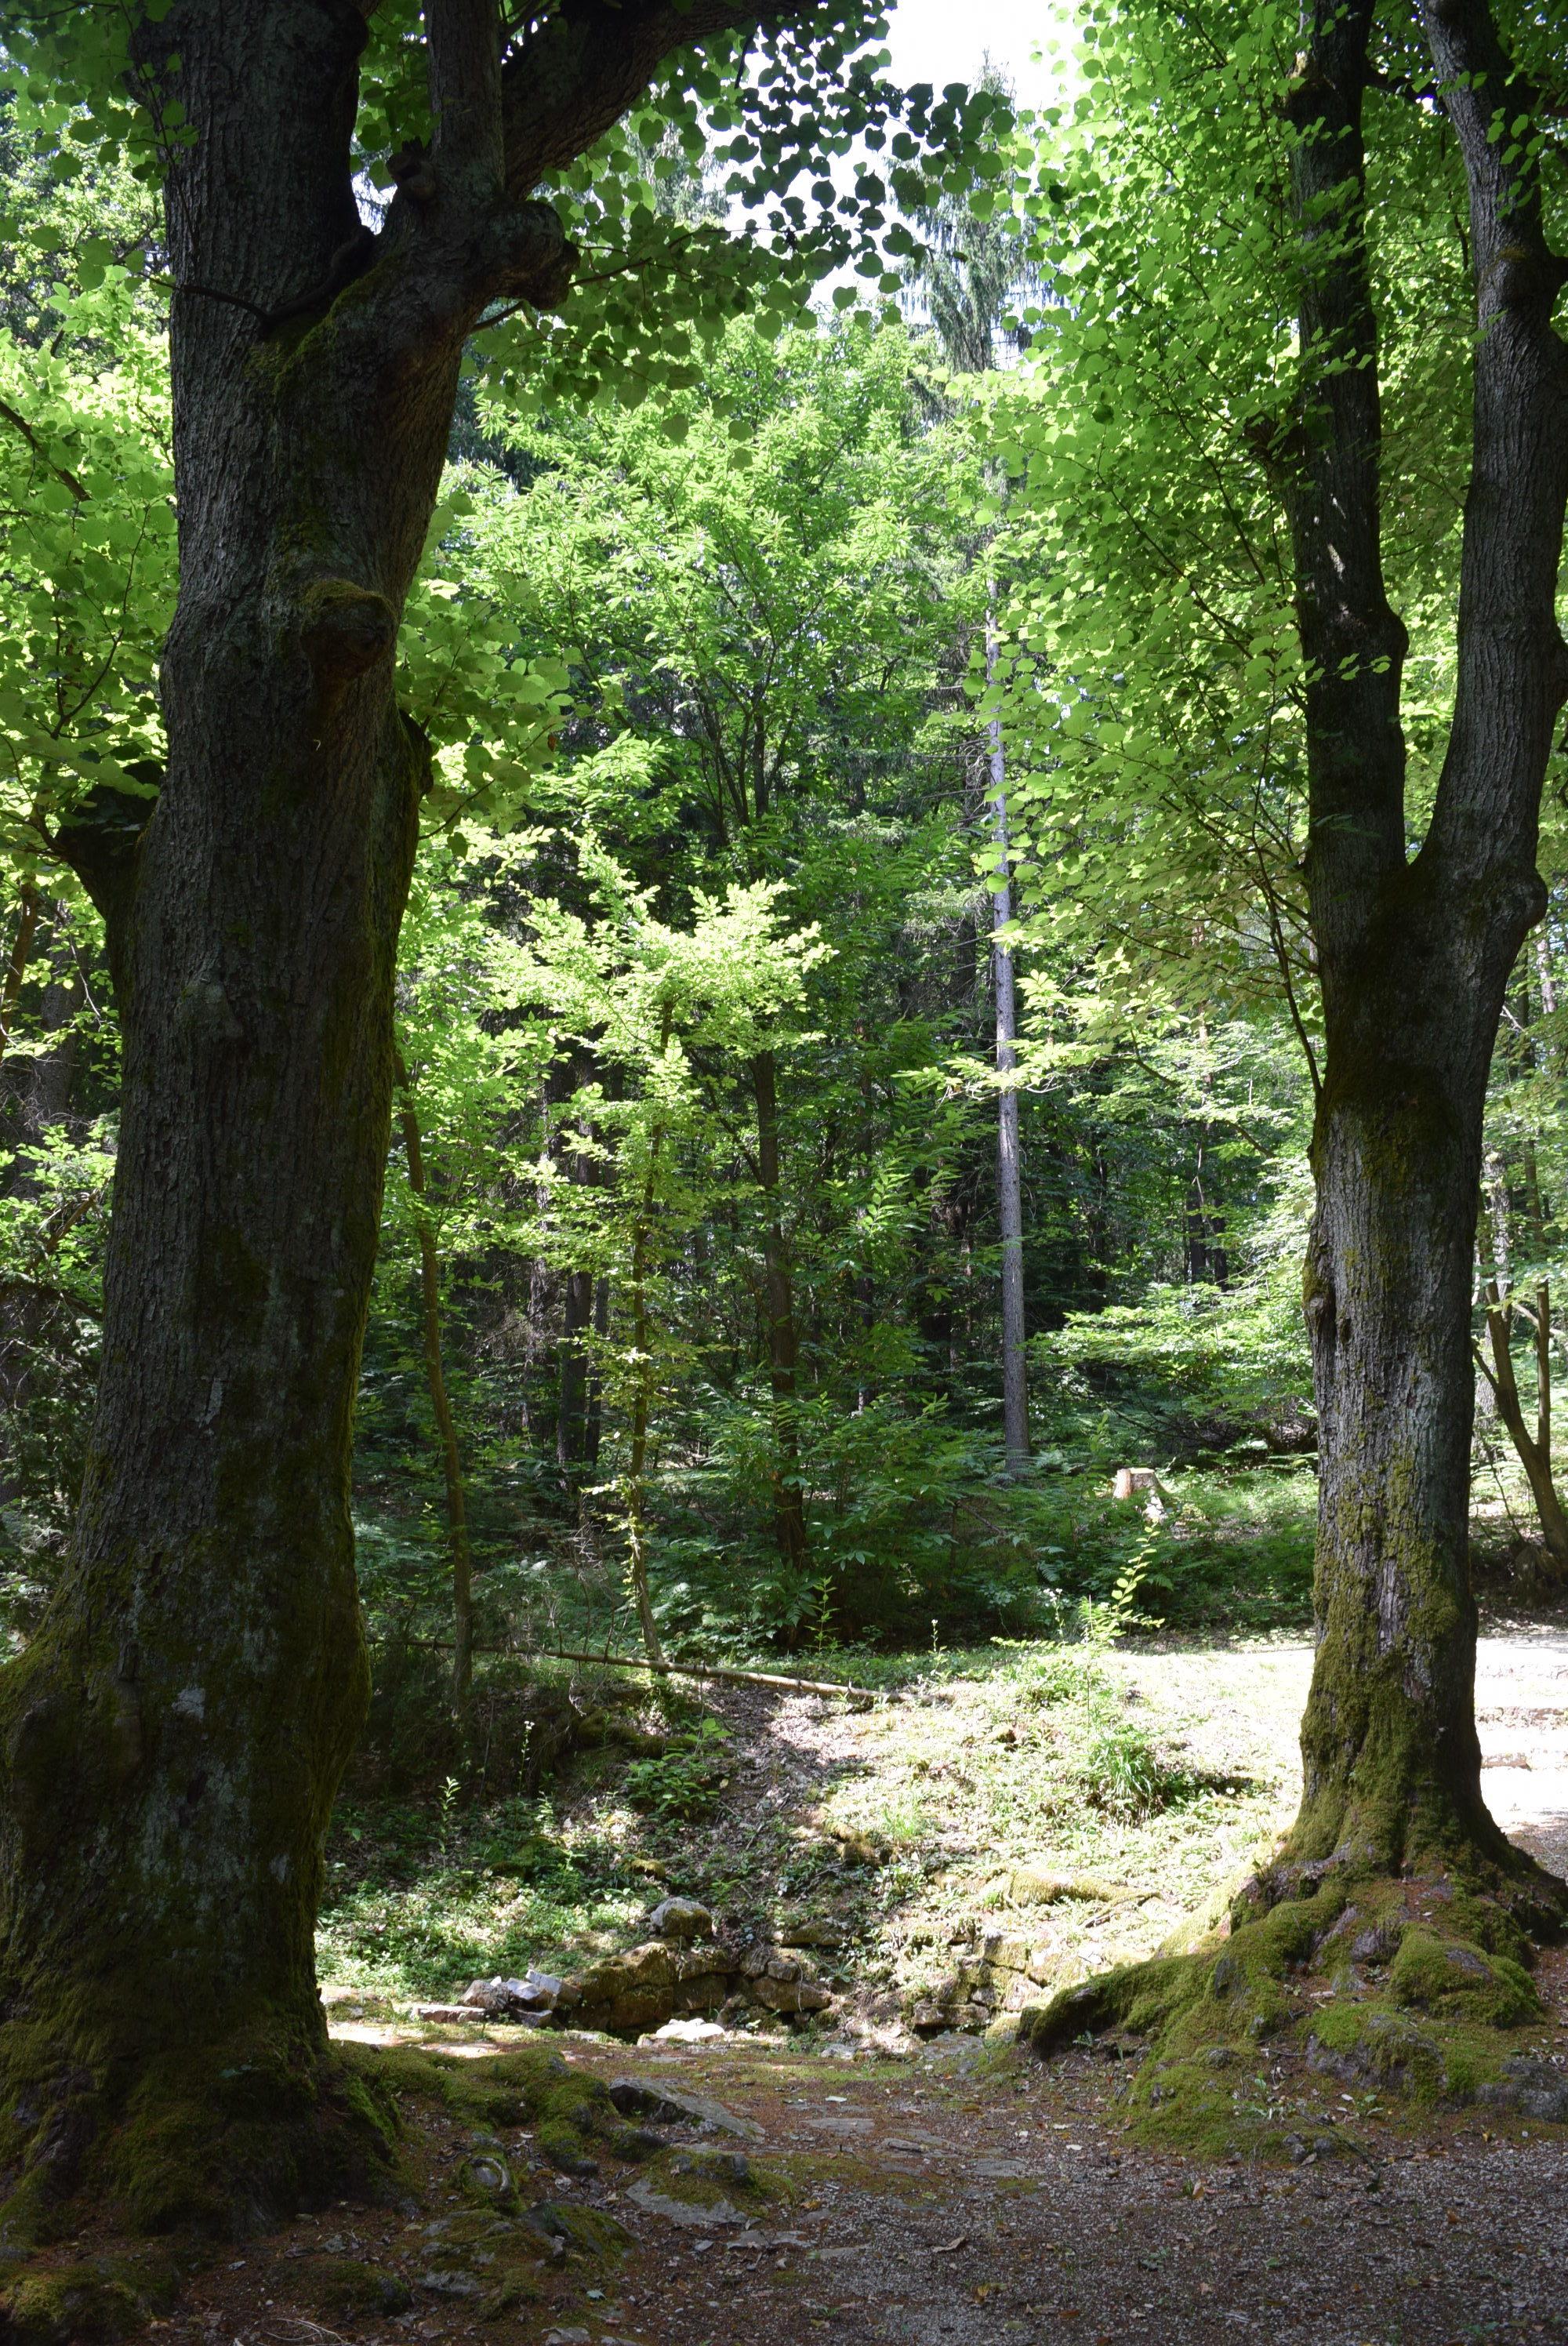 mucili-so-tudi-pri-dveh-lipah-v-gozdu